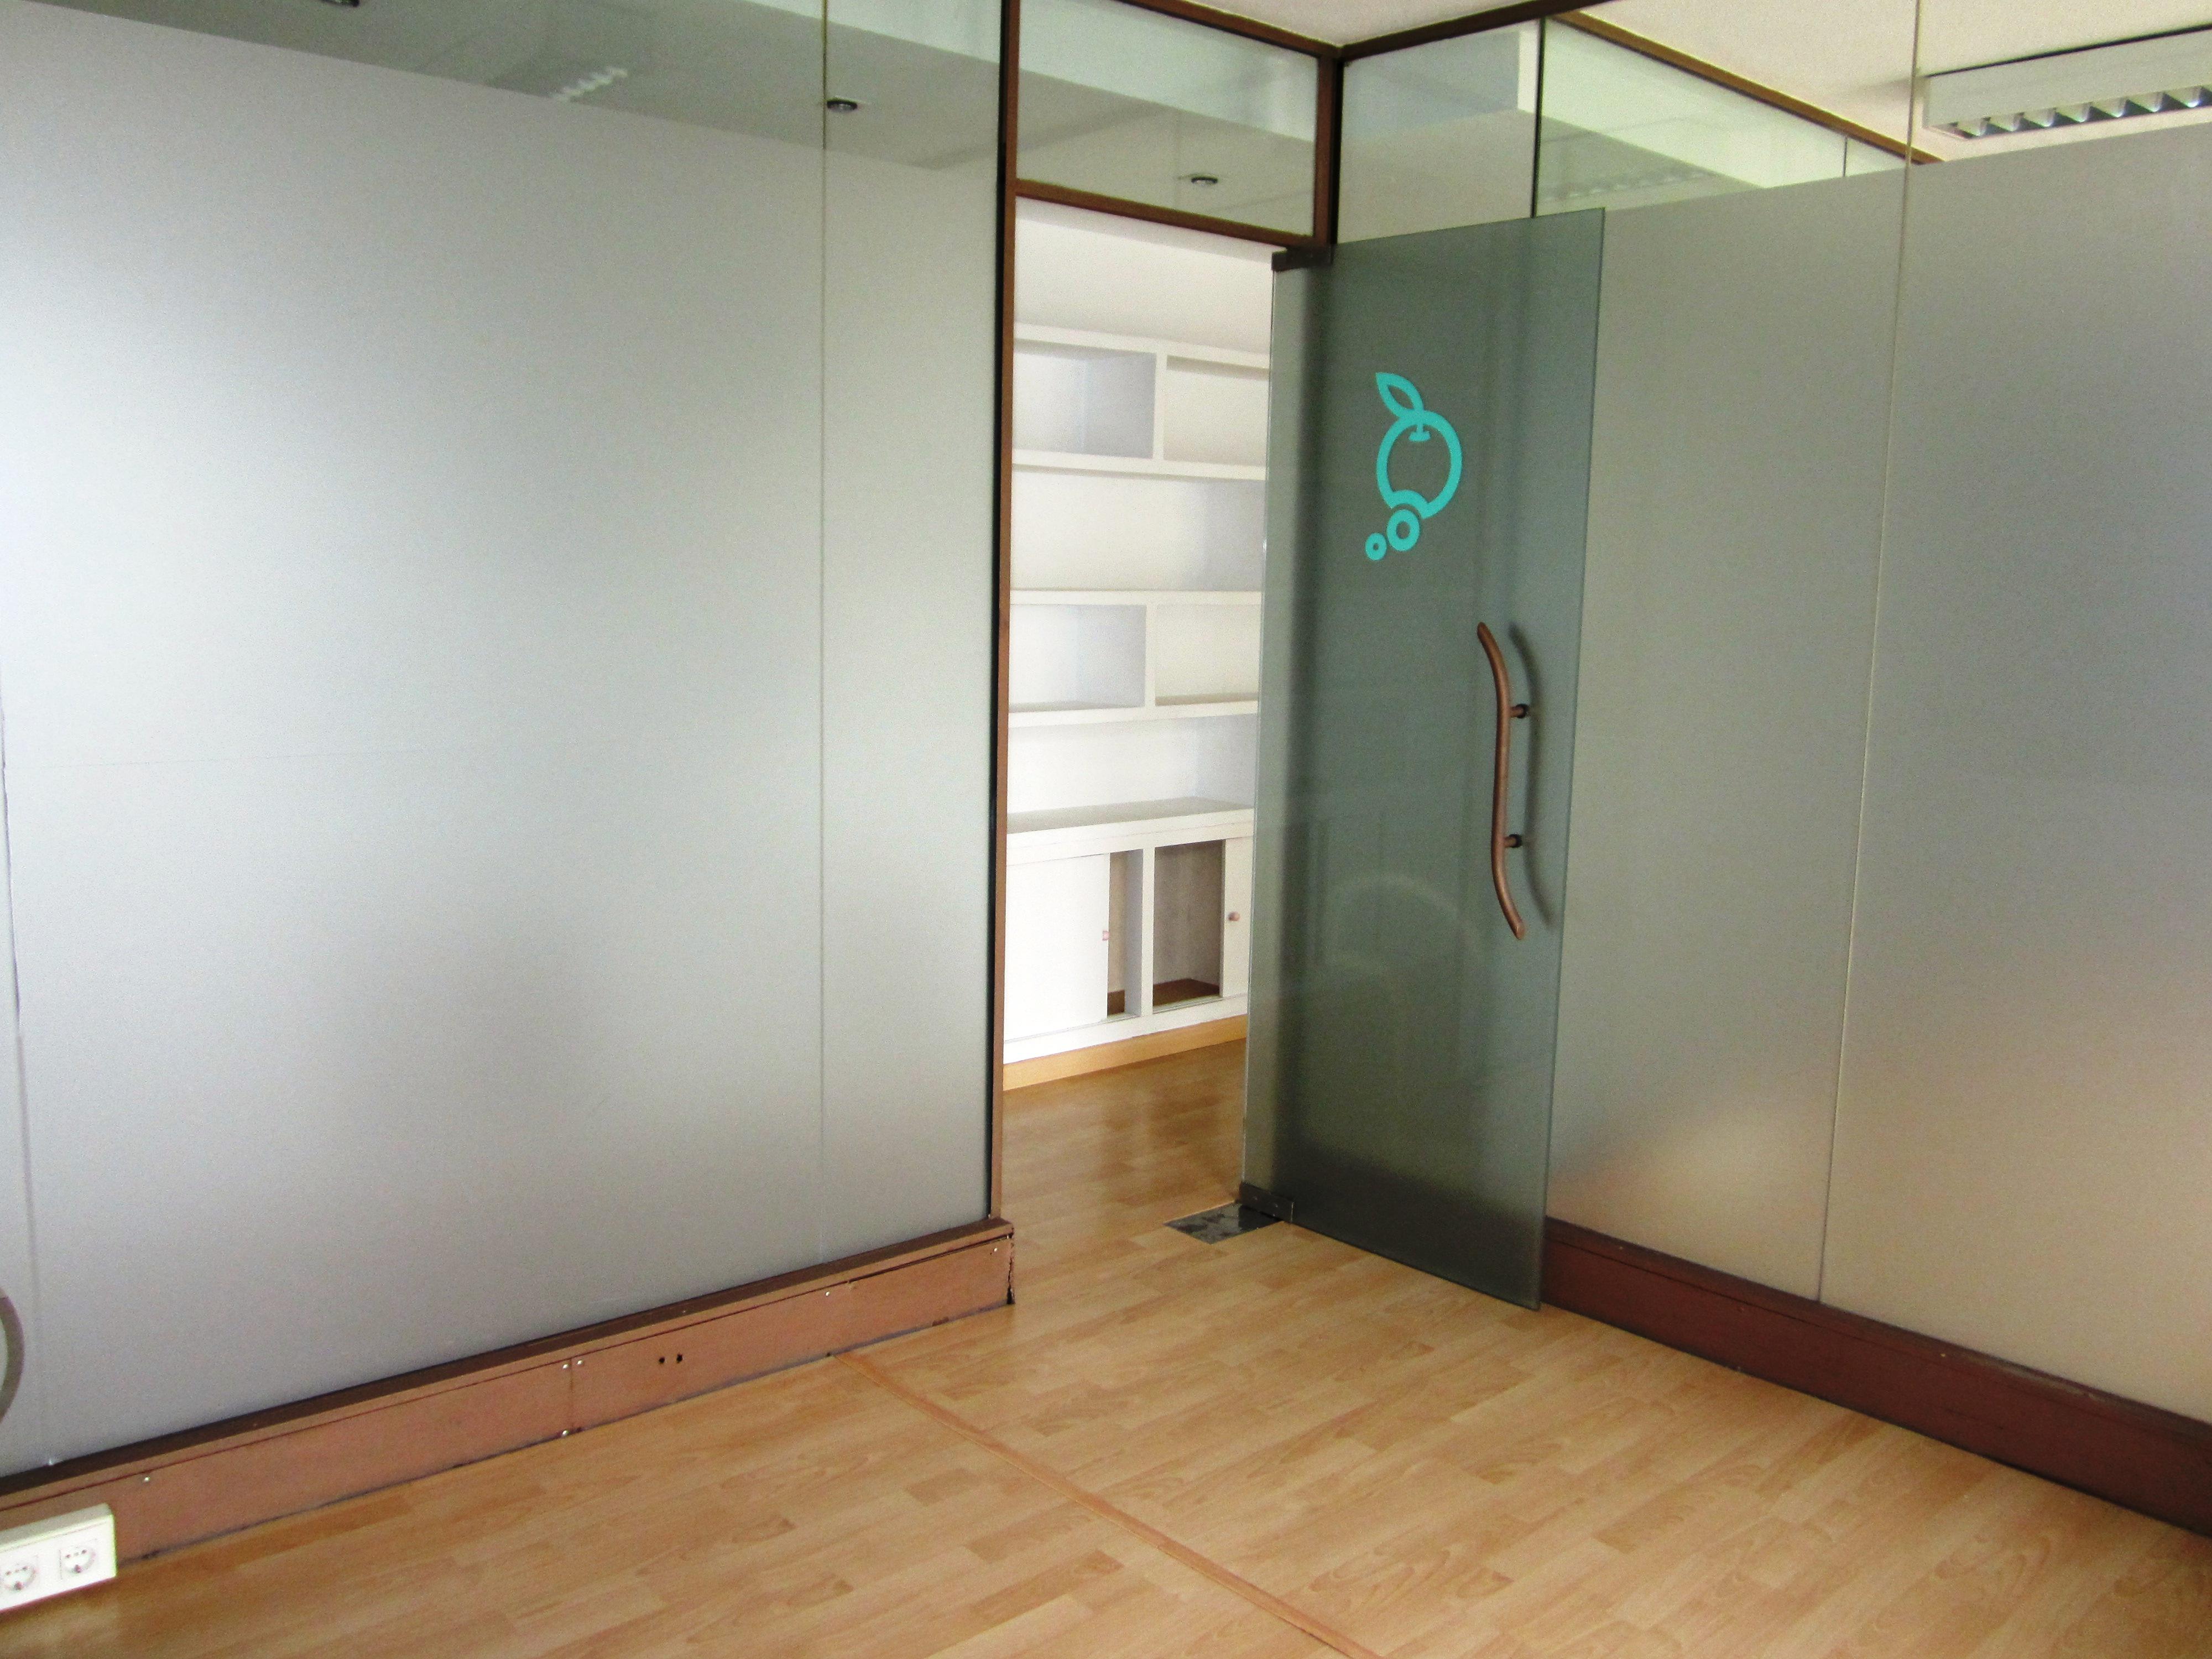 Oficina en plater a pisos centro murcia for Oficina de consumo murcia